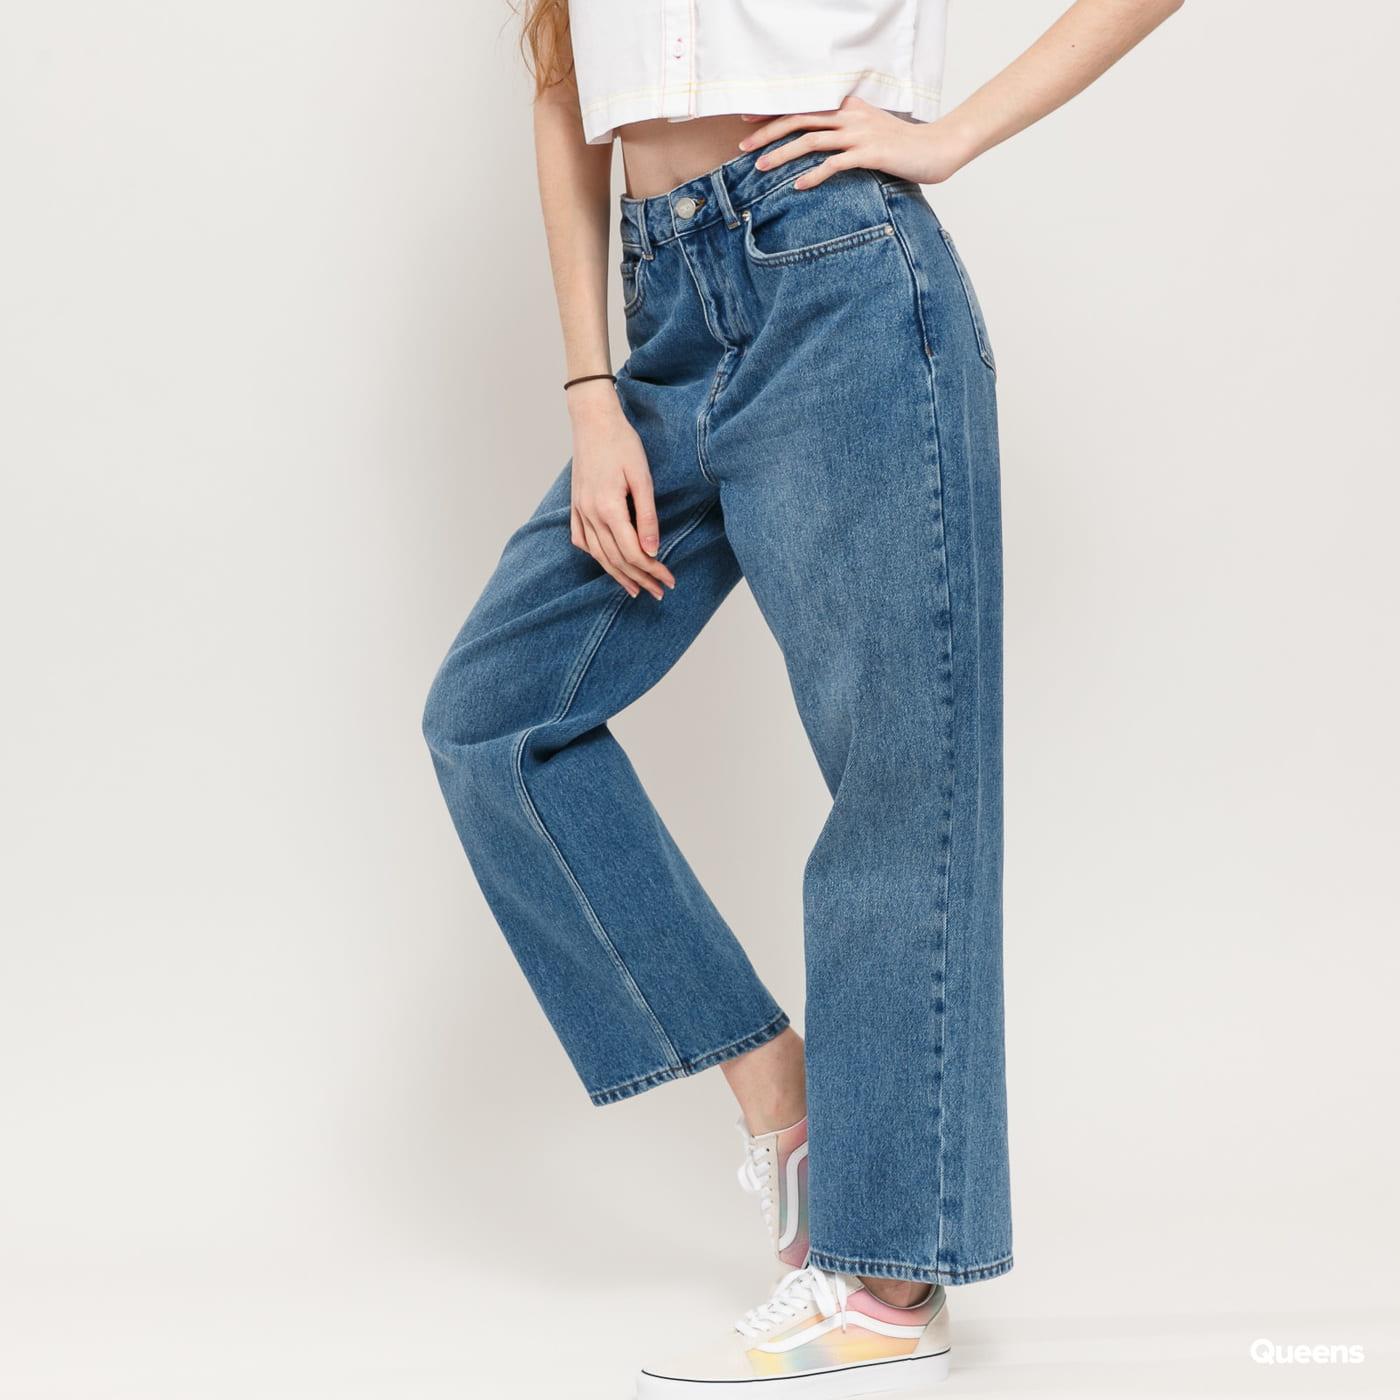 WOOD WOOD Ilo Jeans classic vintage